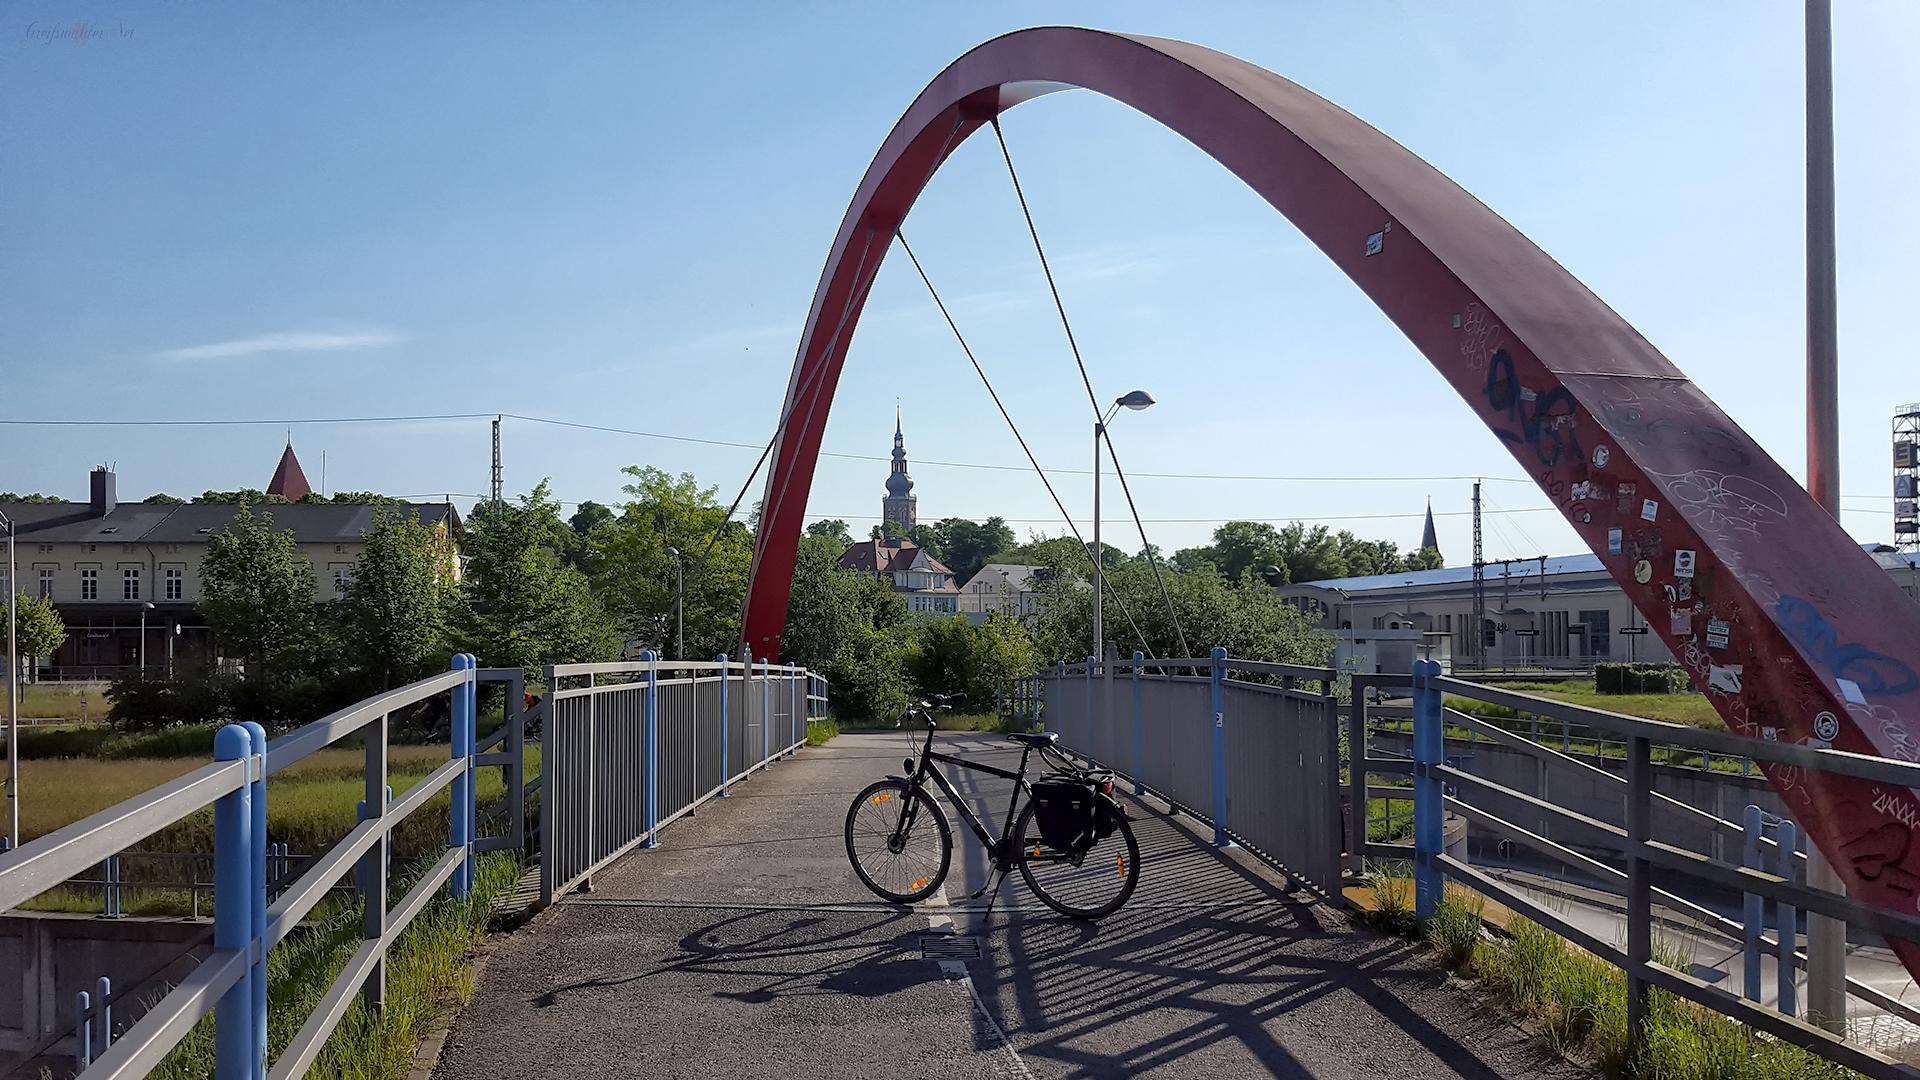 Brücke am Bahnhof in Greifswald